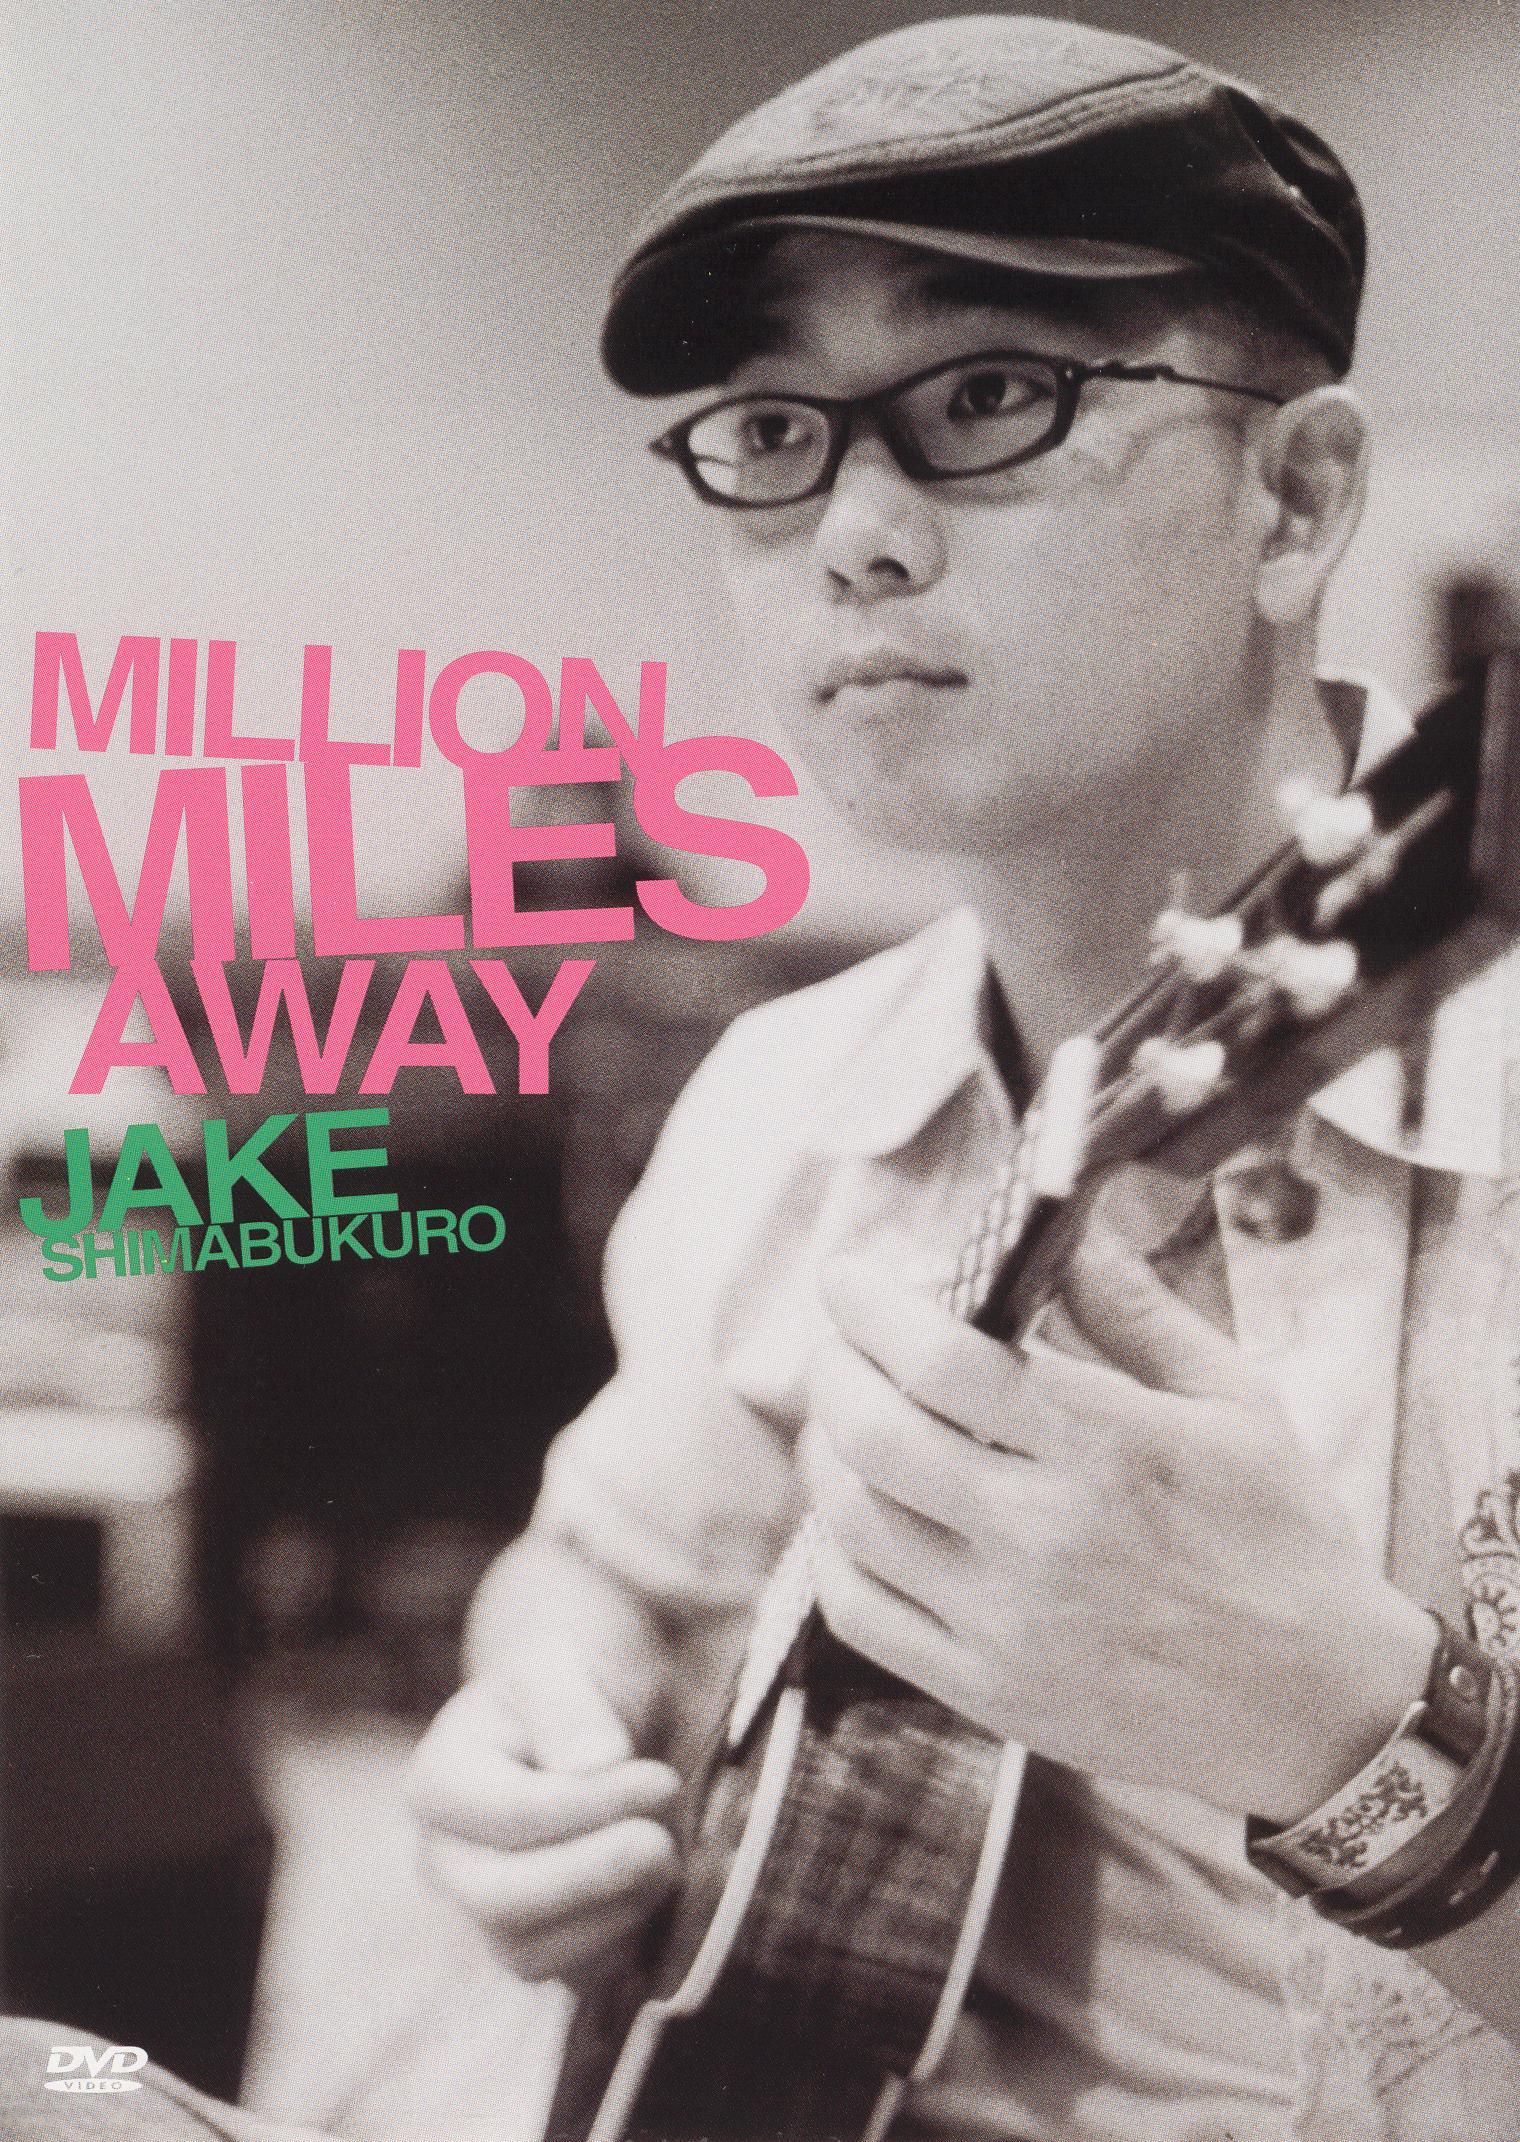 Jake Shimabukuro: Million Miles Away